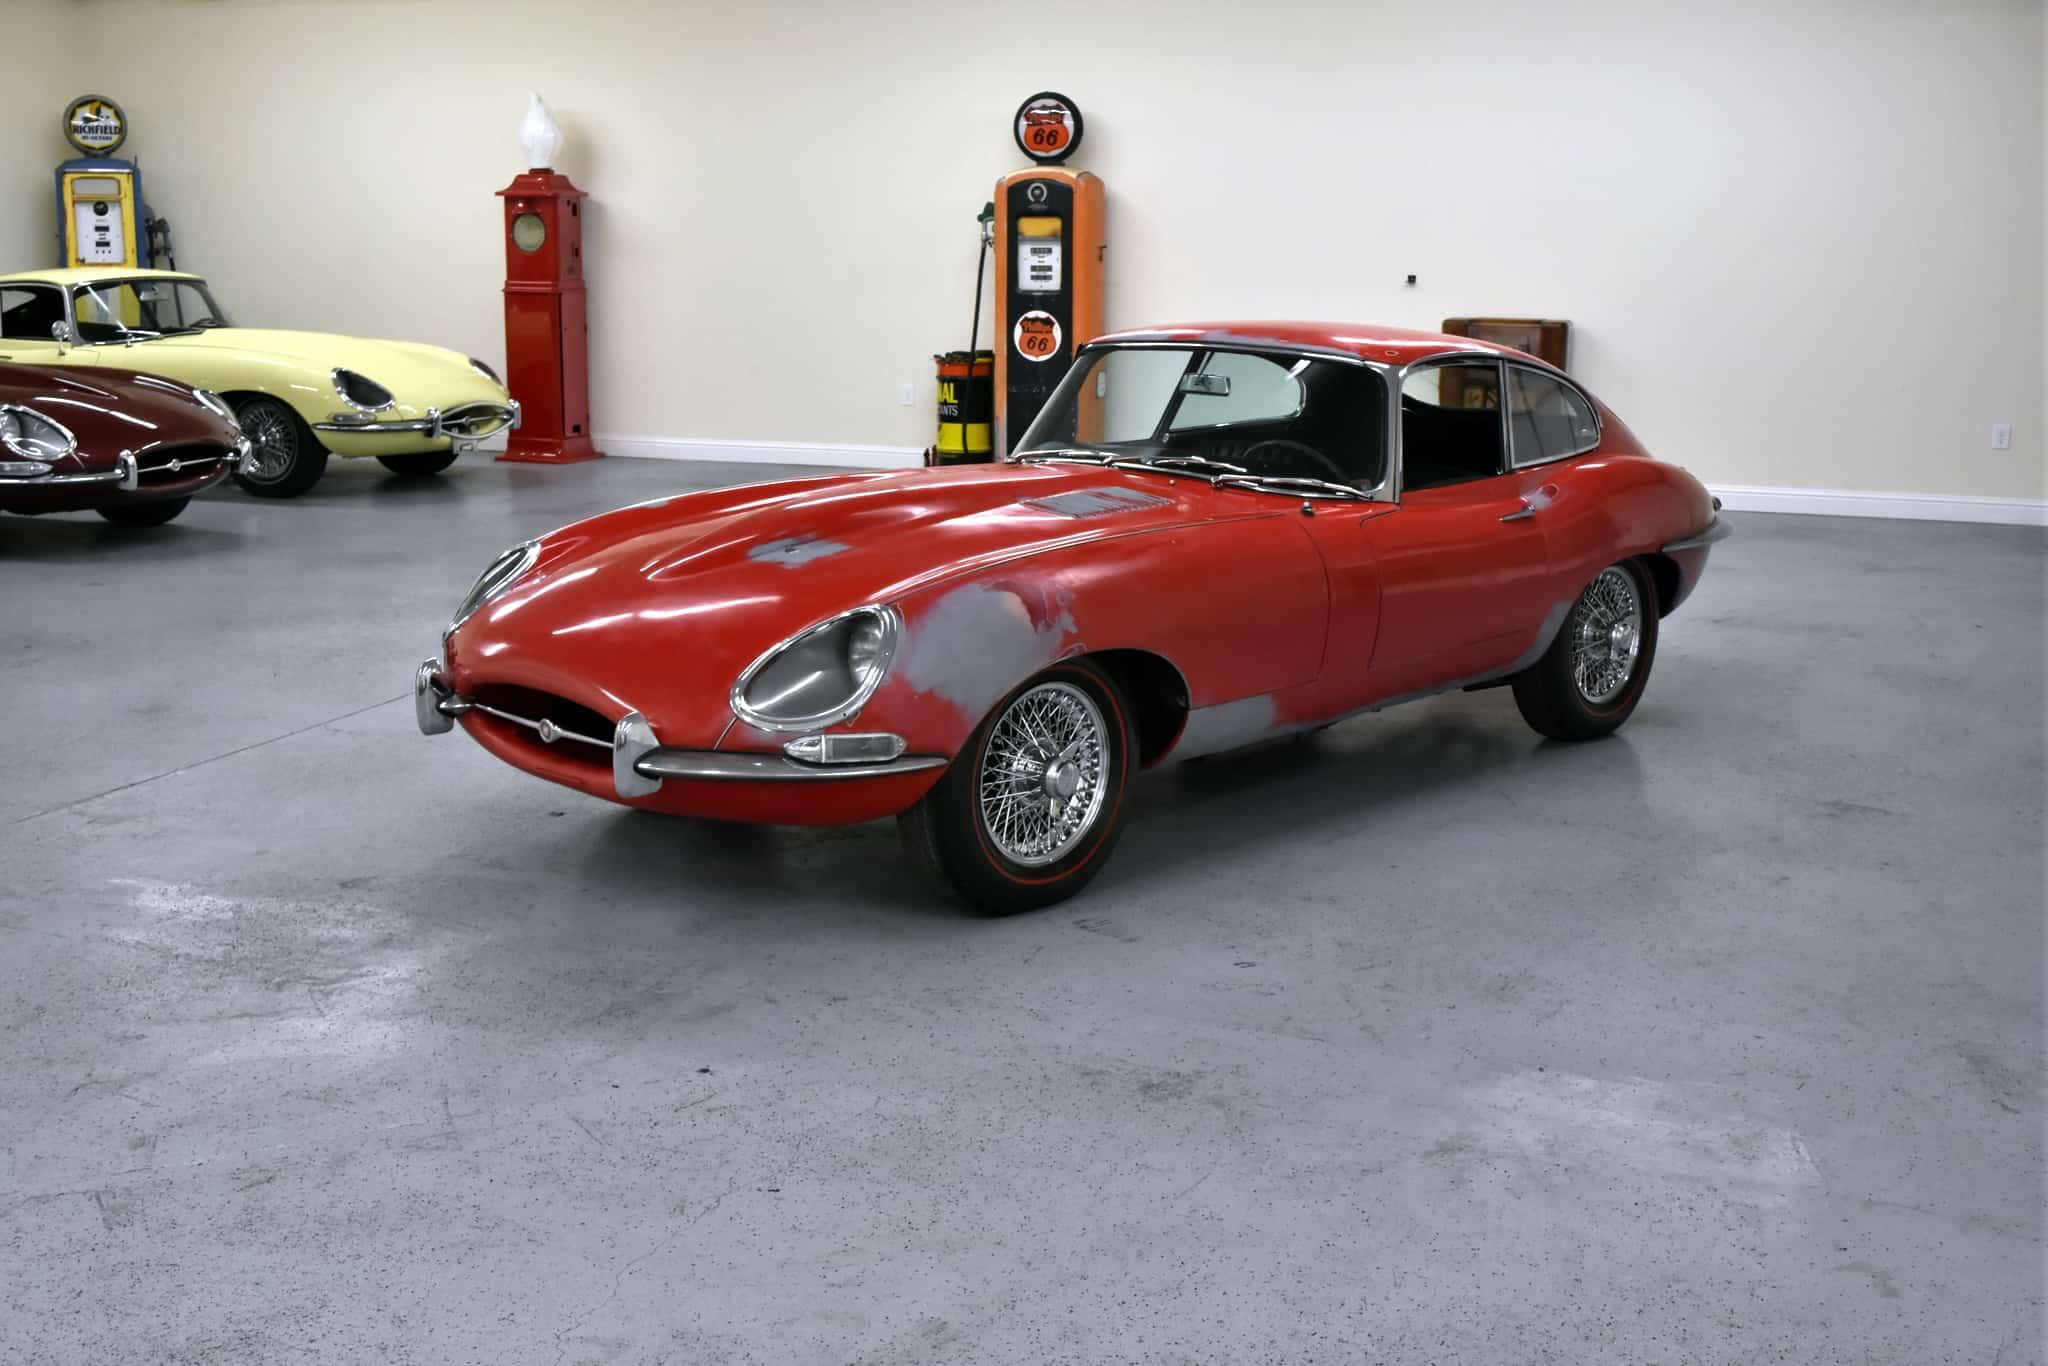 1967 Jaguar E-type Coupe Series 1 | Dusty Cars